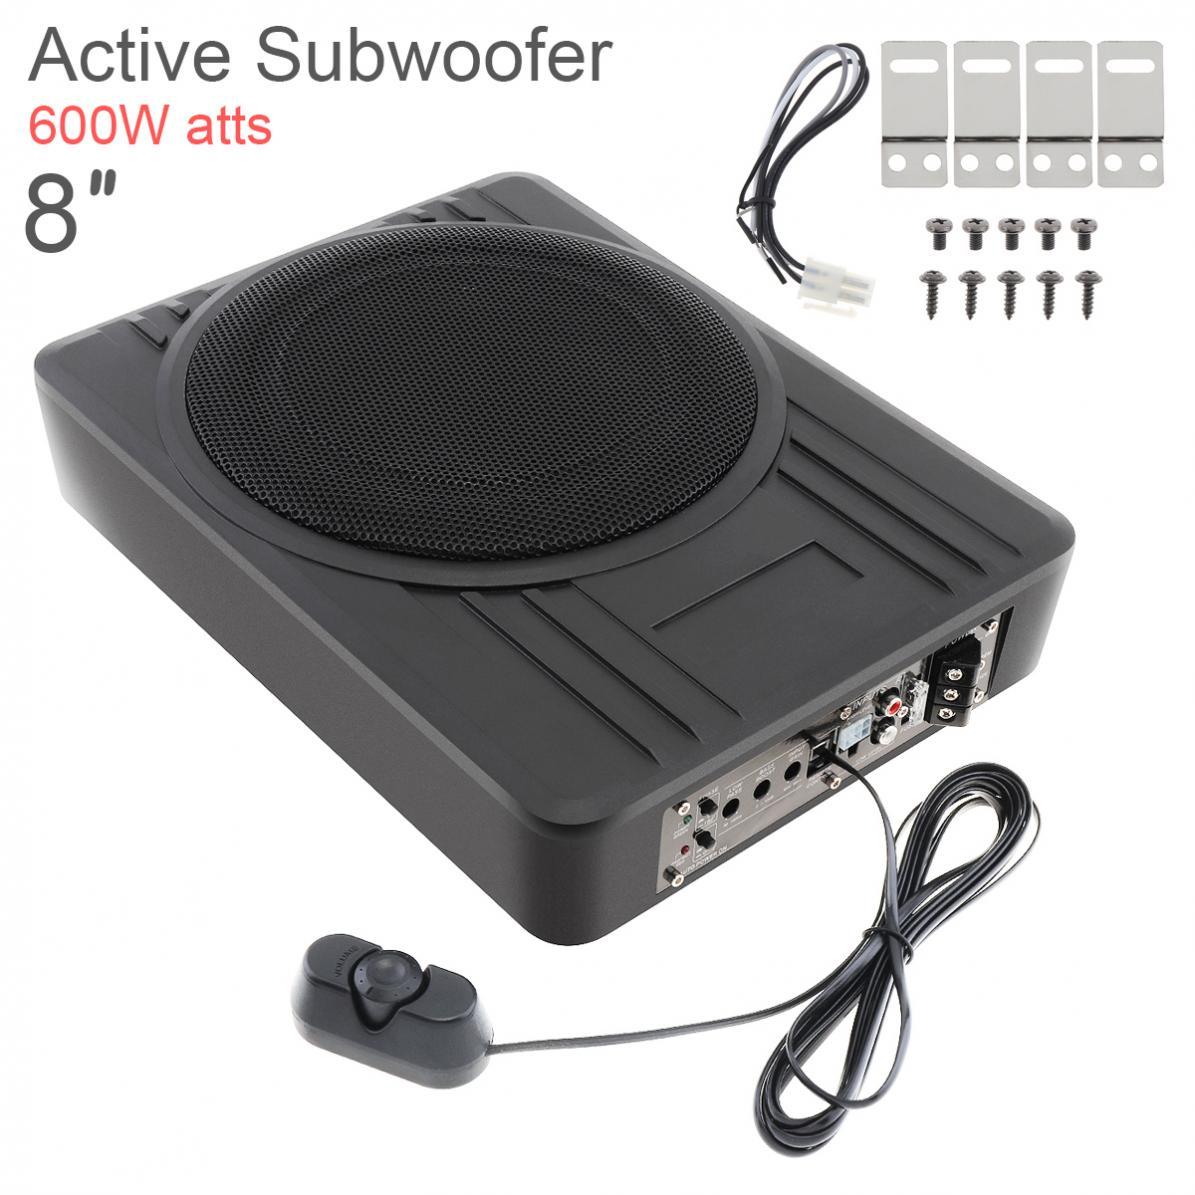 Fuselage noir universel mince 8 pouces 600W Slim sous siège voiture caisson de basses actif amplificateur de basse haut-parleurs